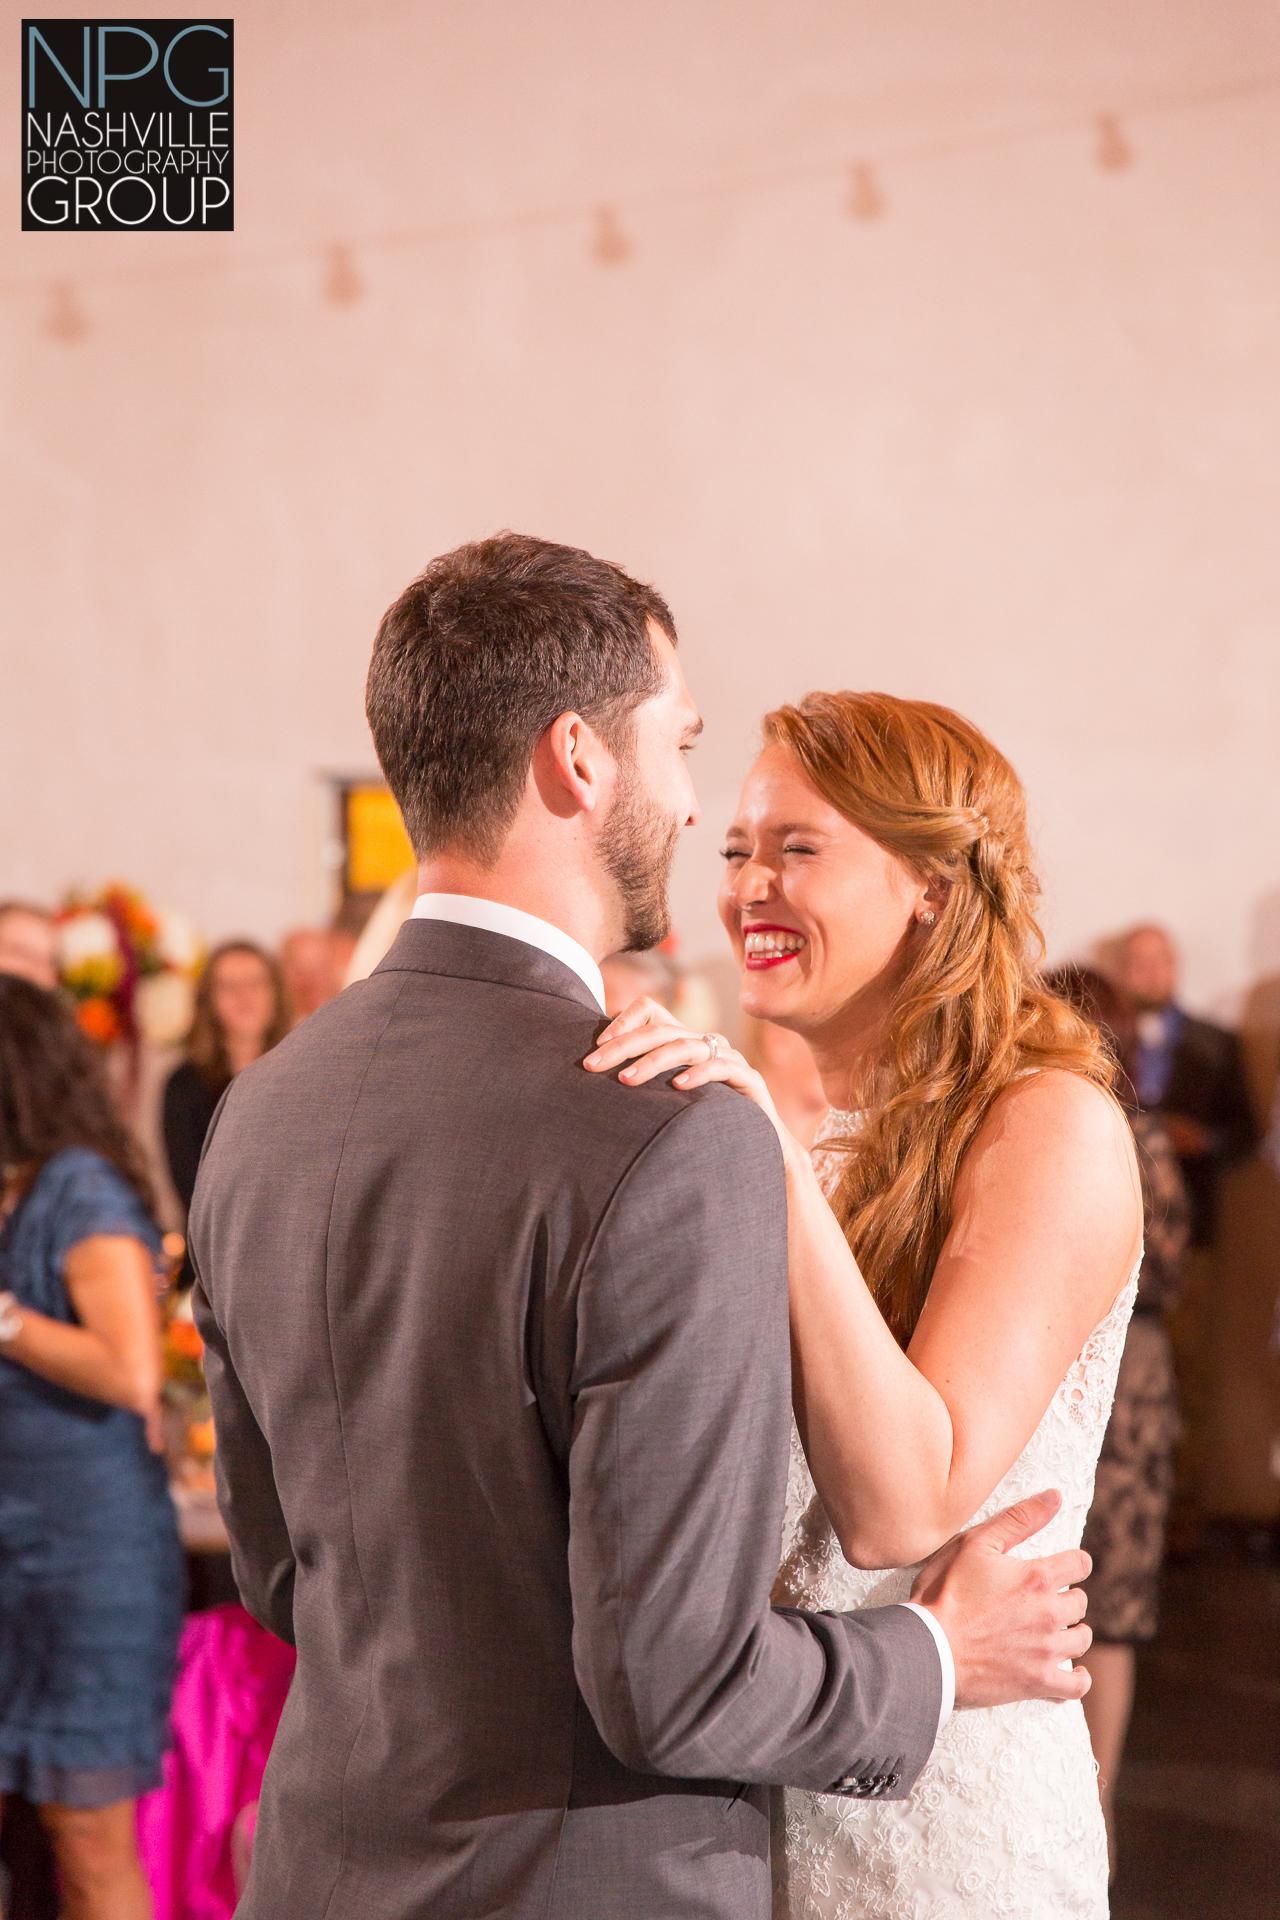 Nashville Photography Group wedding photographers5-2.jpg